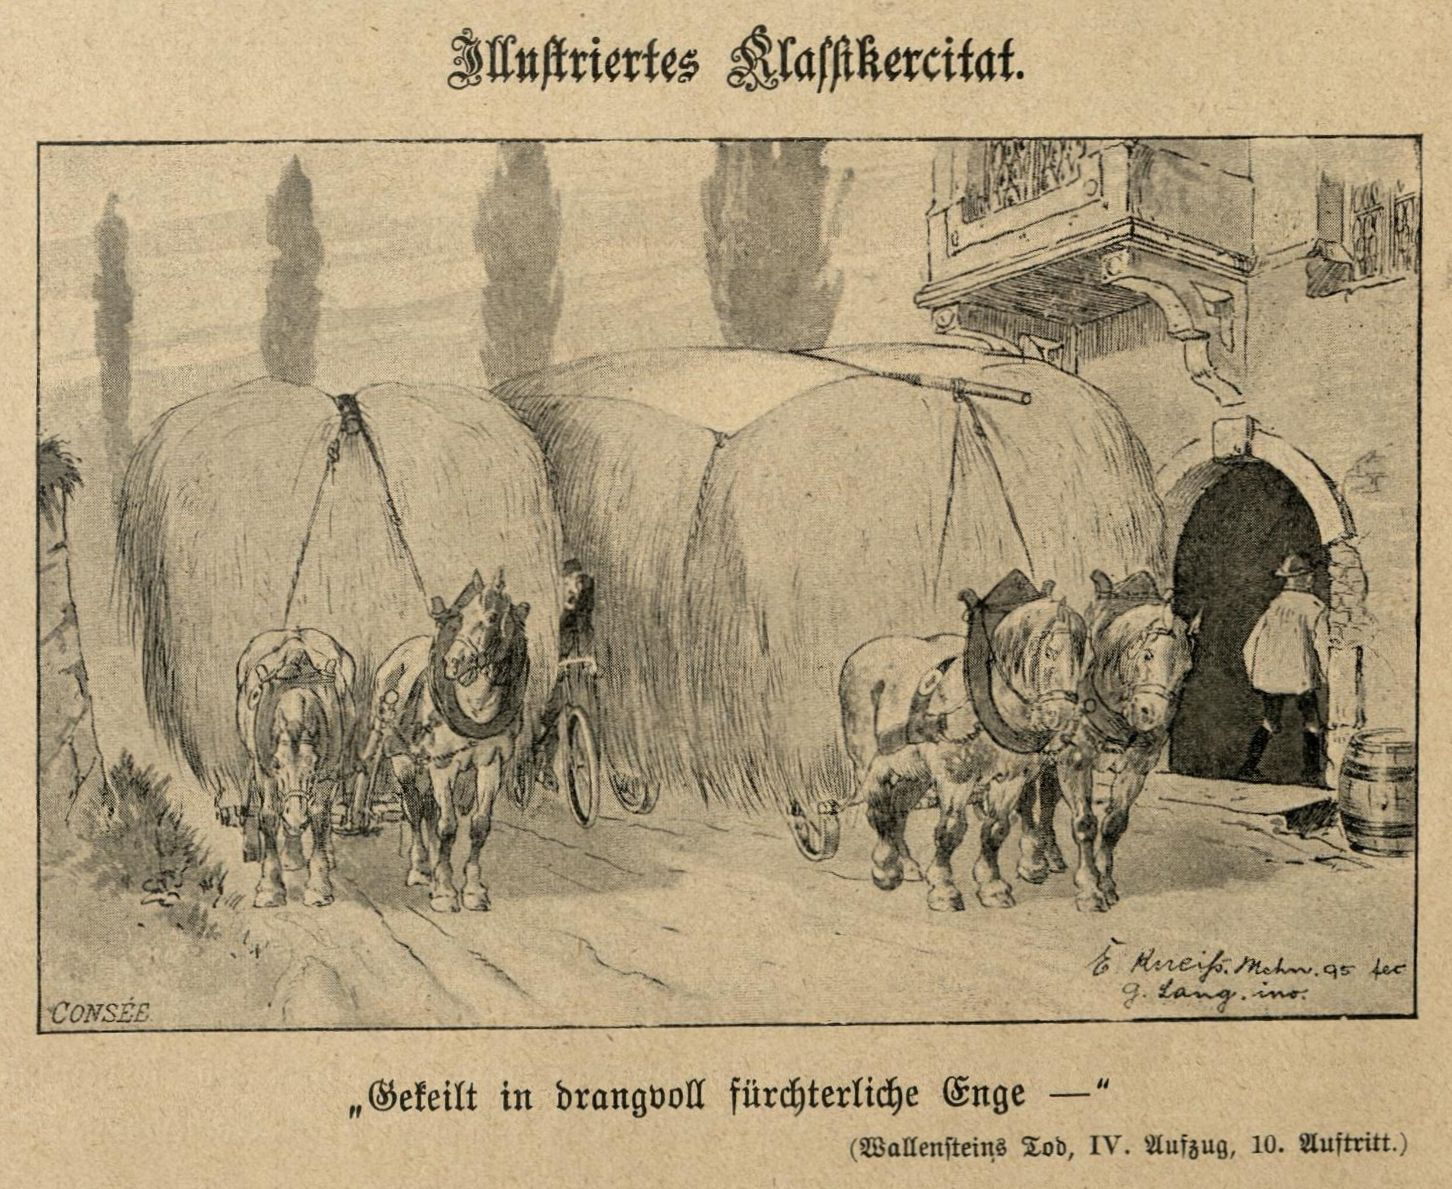 Gekeilt in drangvoll fürchterliche Enge ... (Wallensteins Tod)